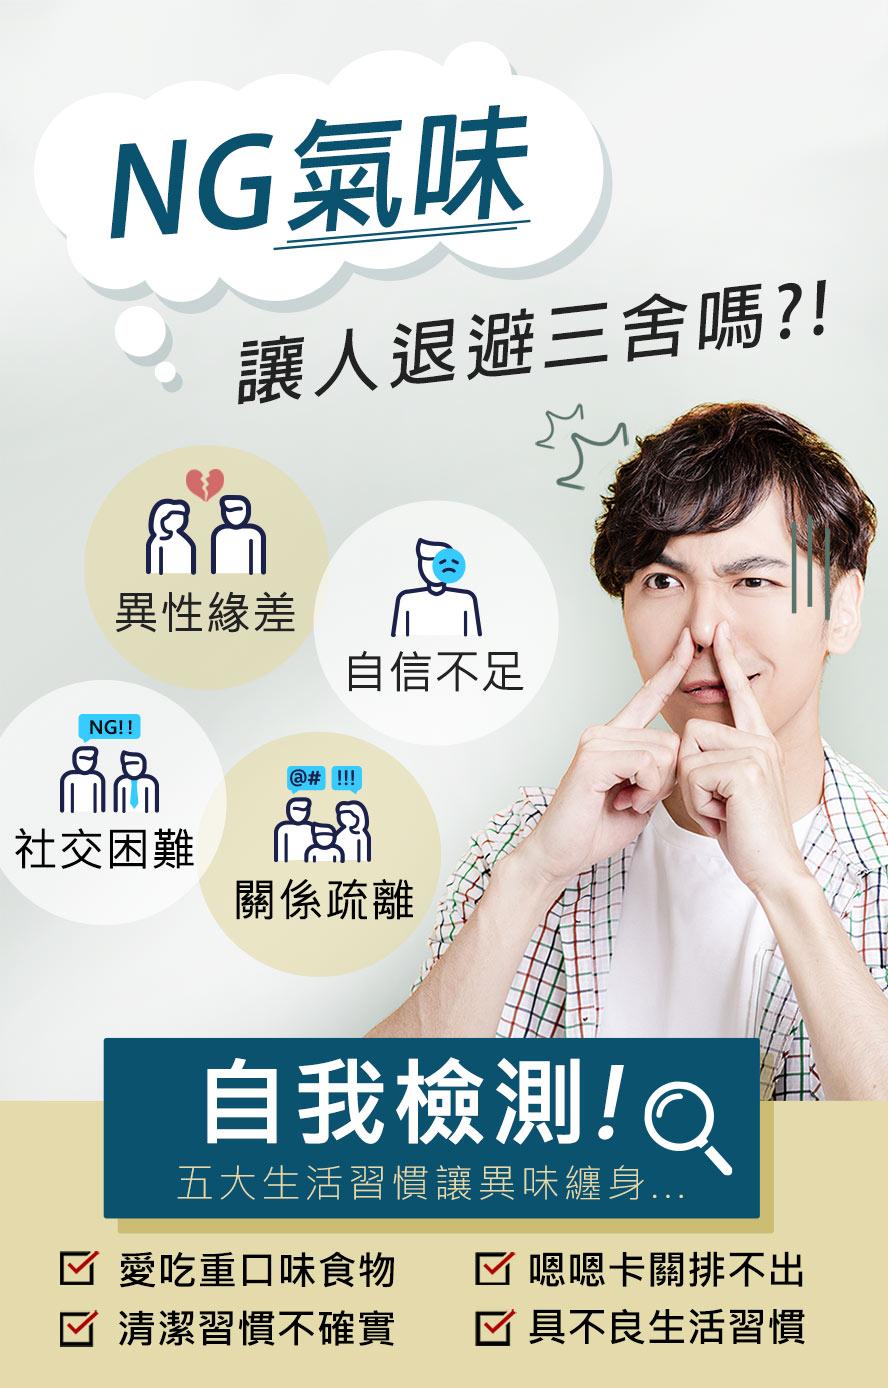 男性常因為體味造成困擾,有淨味膠囊讓互動更親近